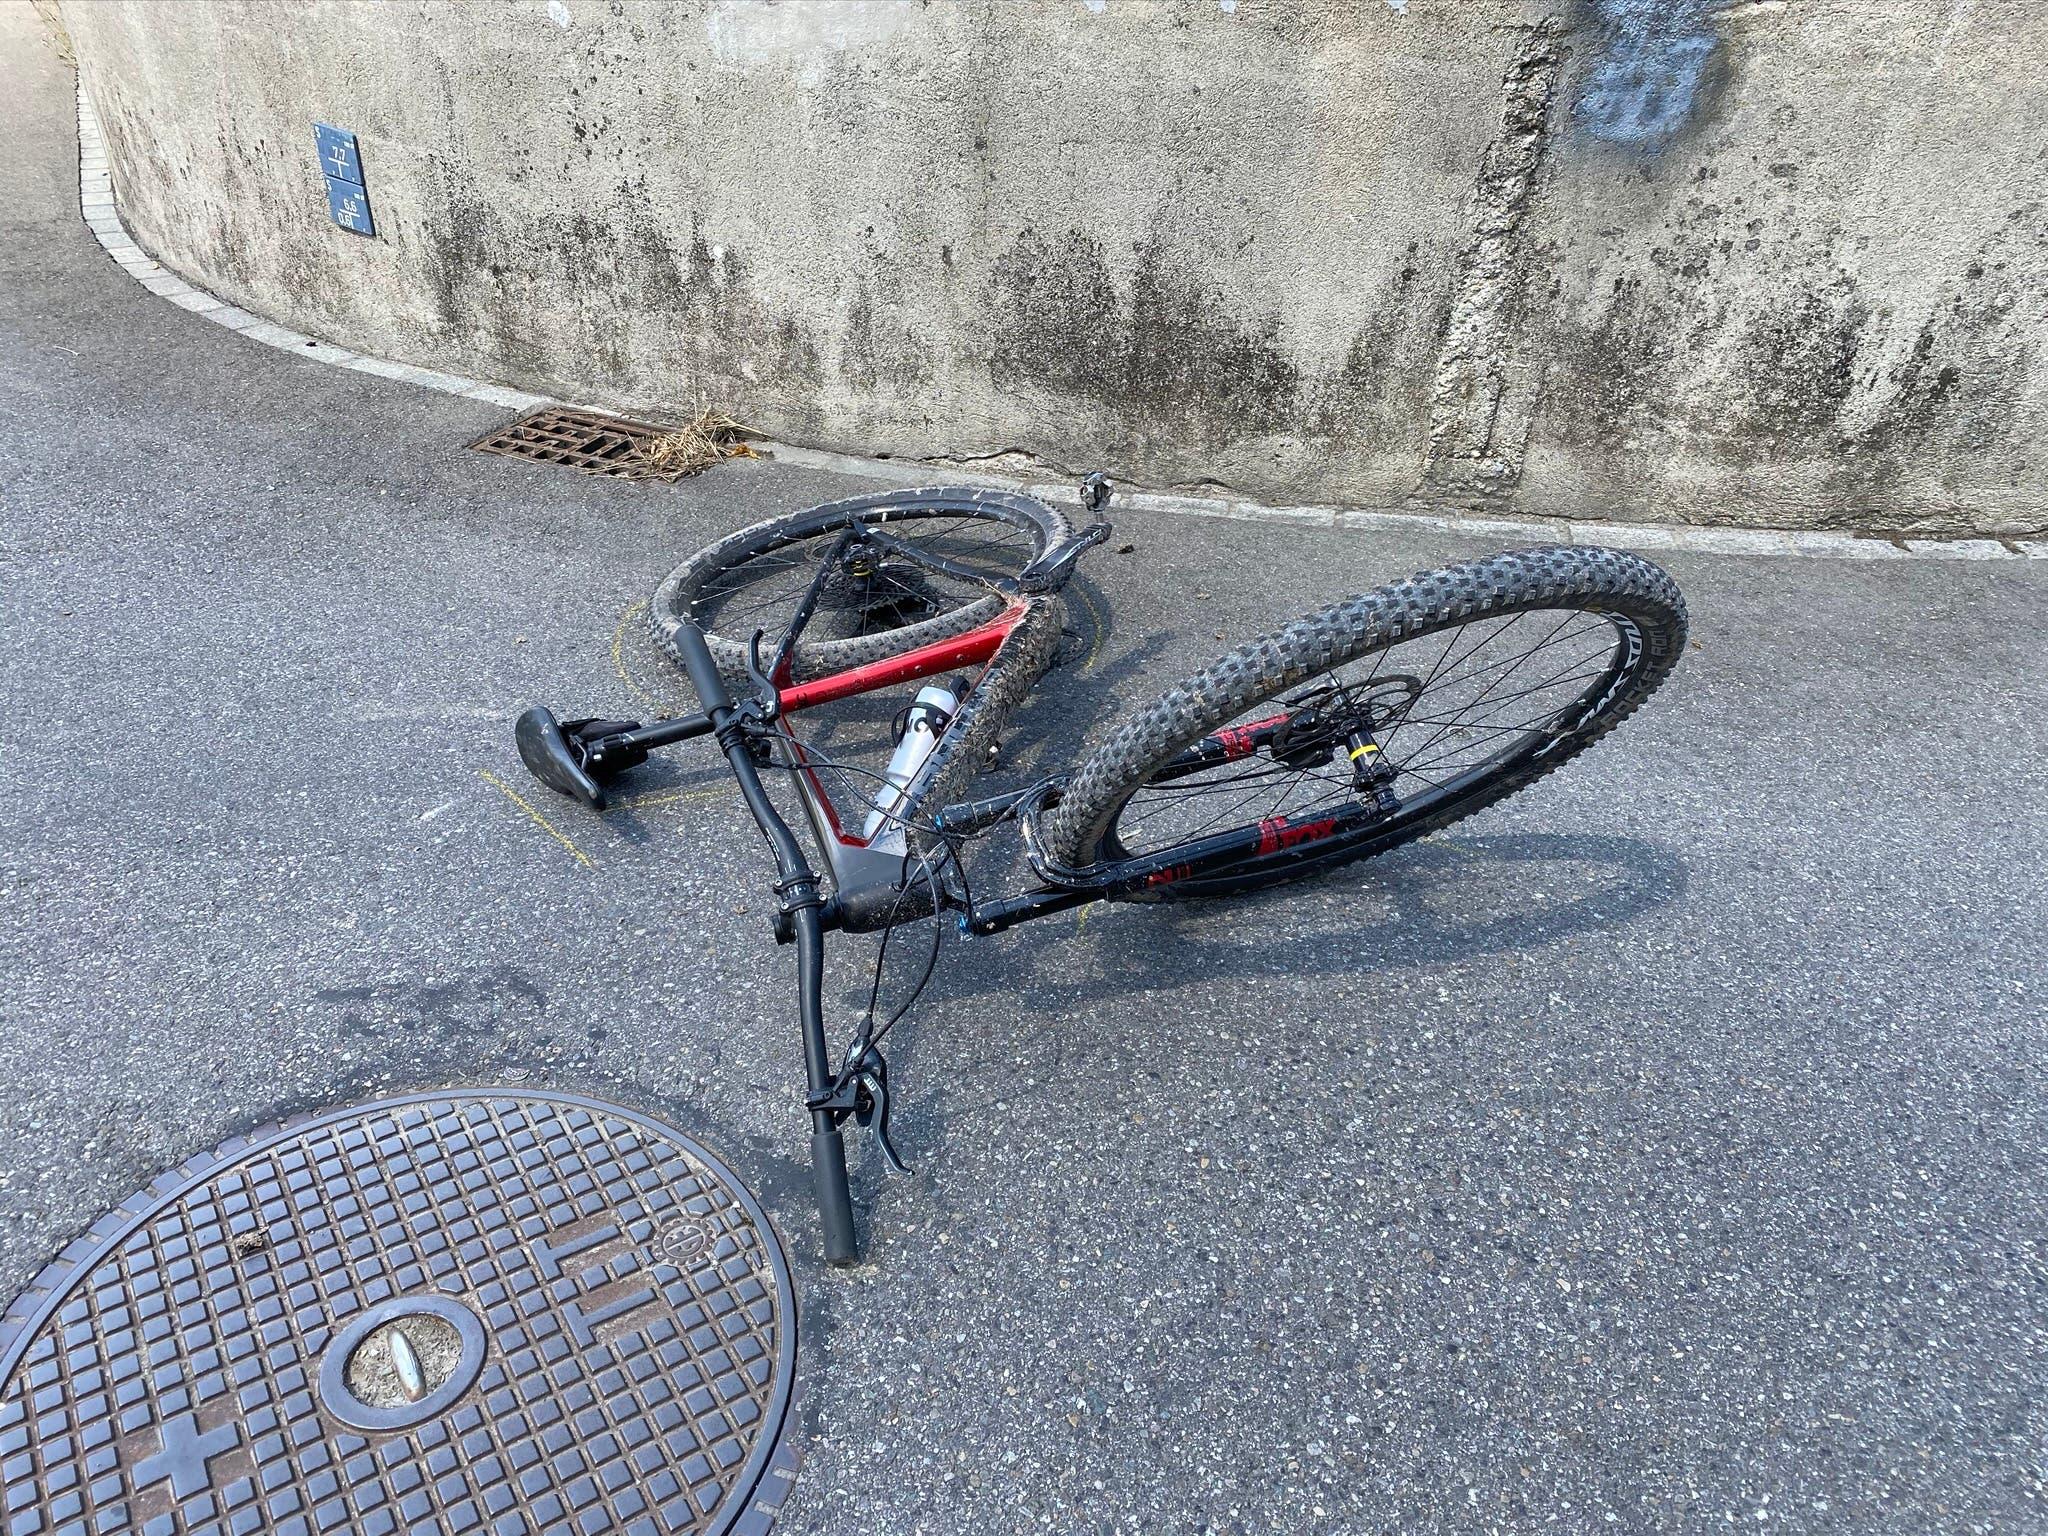 Beim Unfall wurde der Velofahrer verletzt.